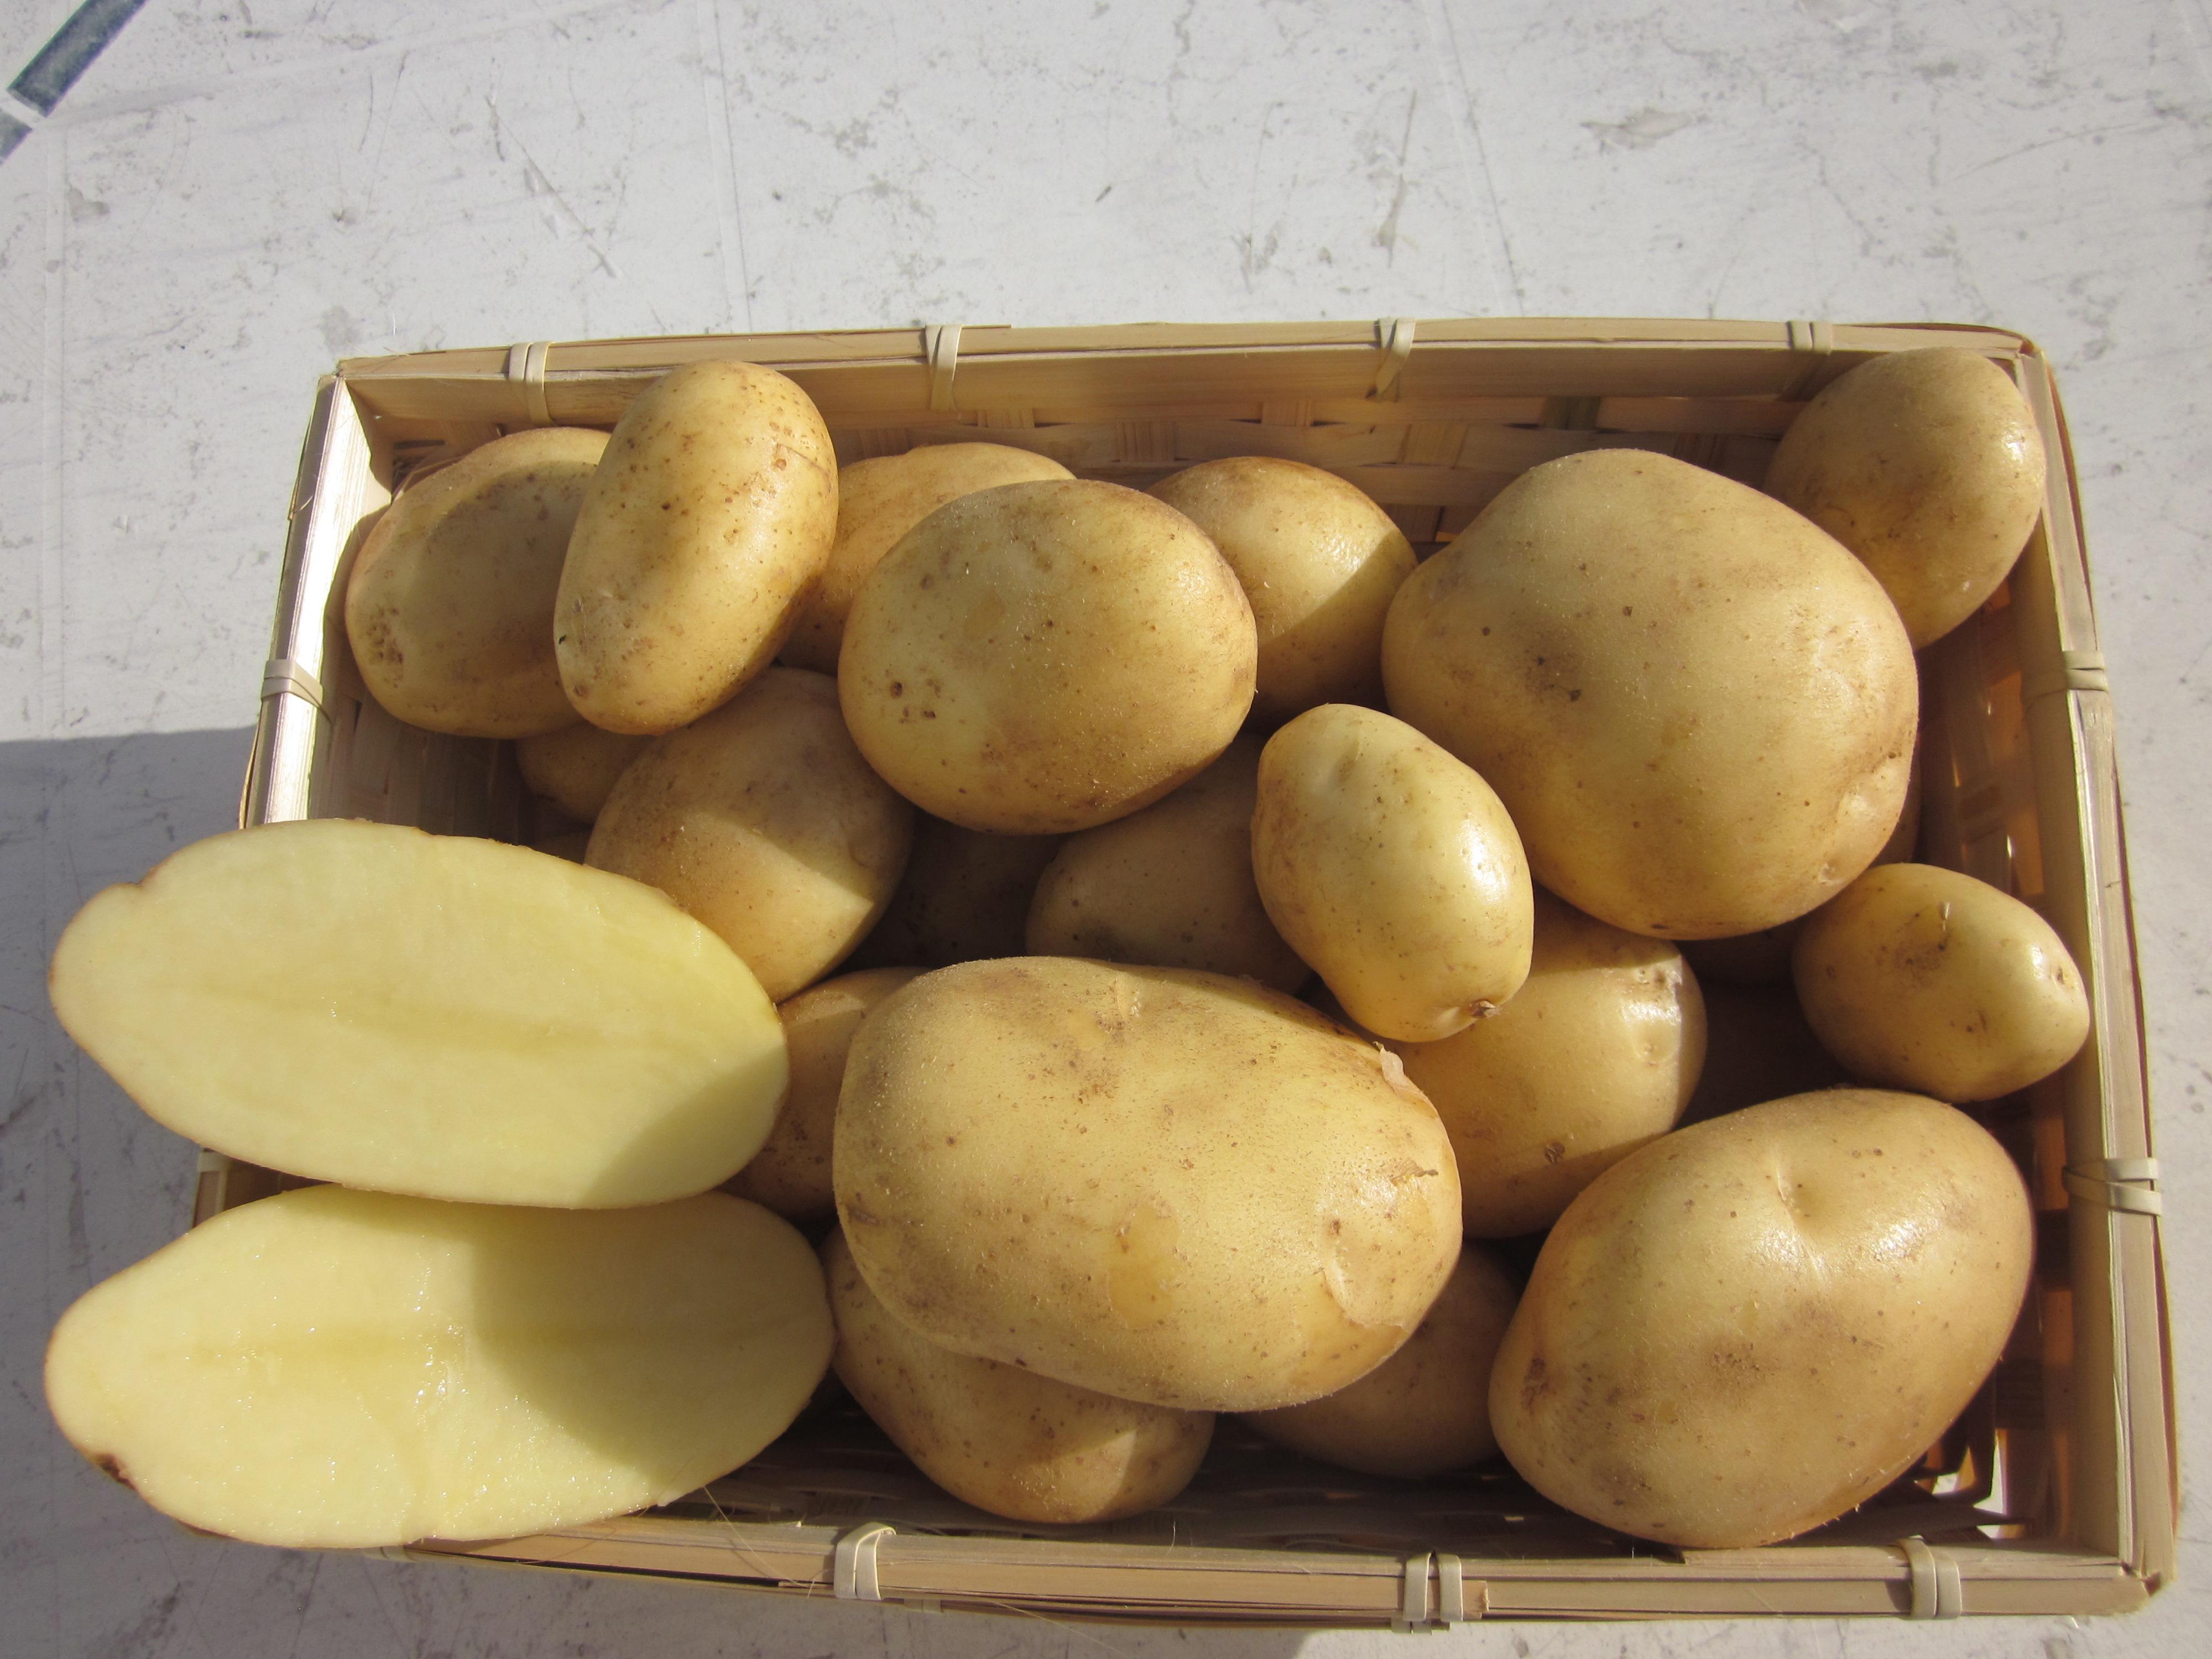 Comment manger les pommes de terre ?